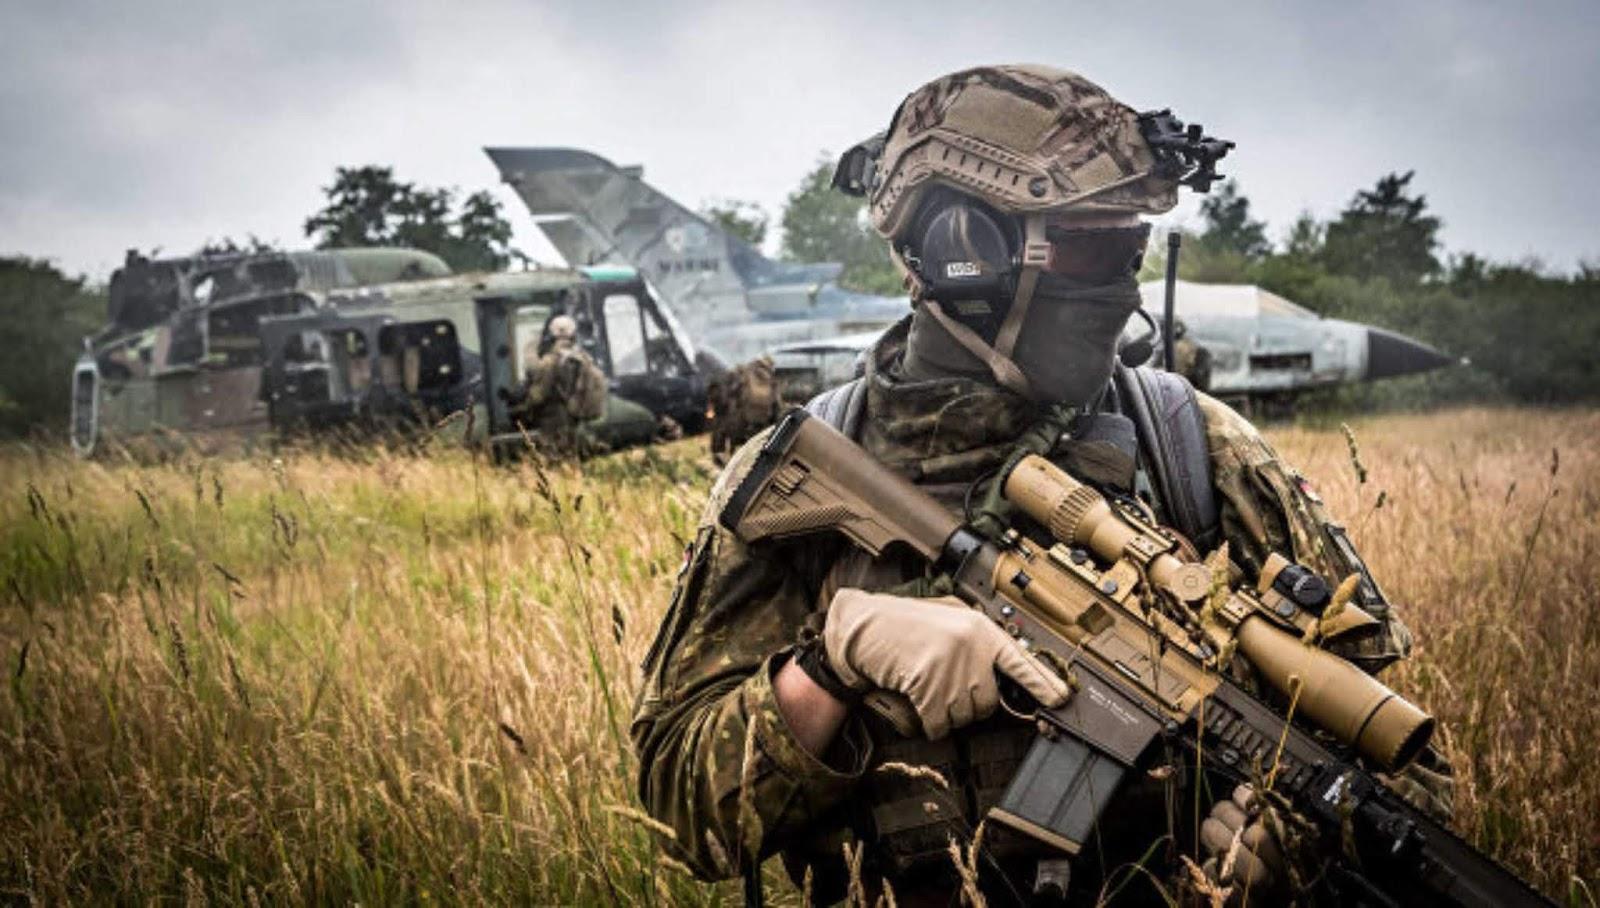 Jenderal NATO berbicara tentang kesulitan aliansi dalam perang dengan Rusia